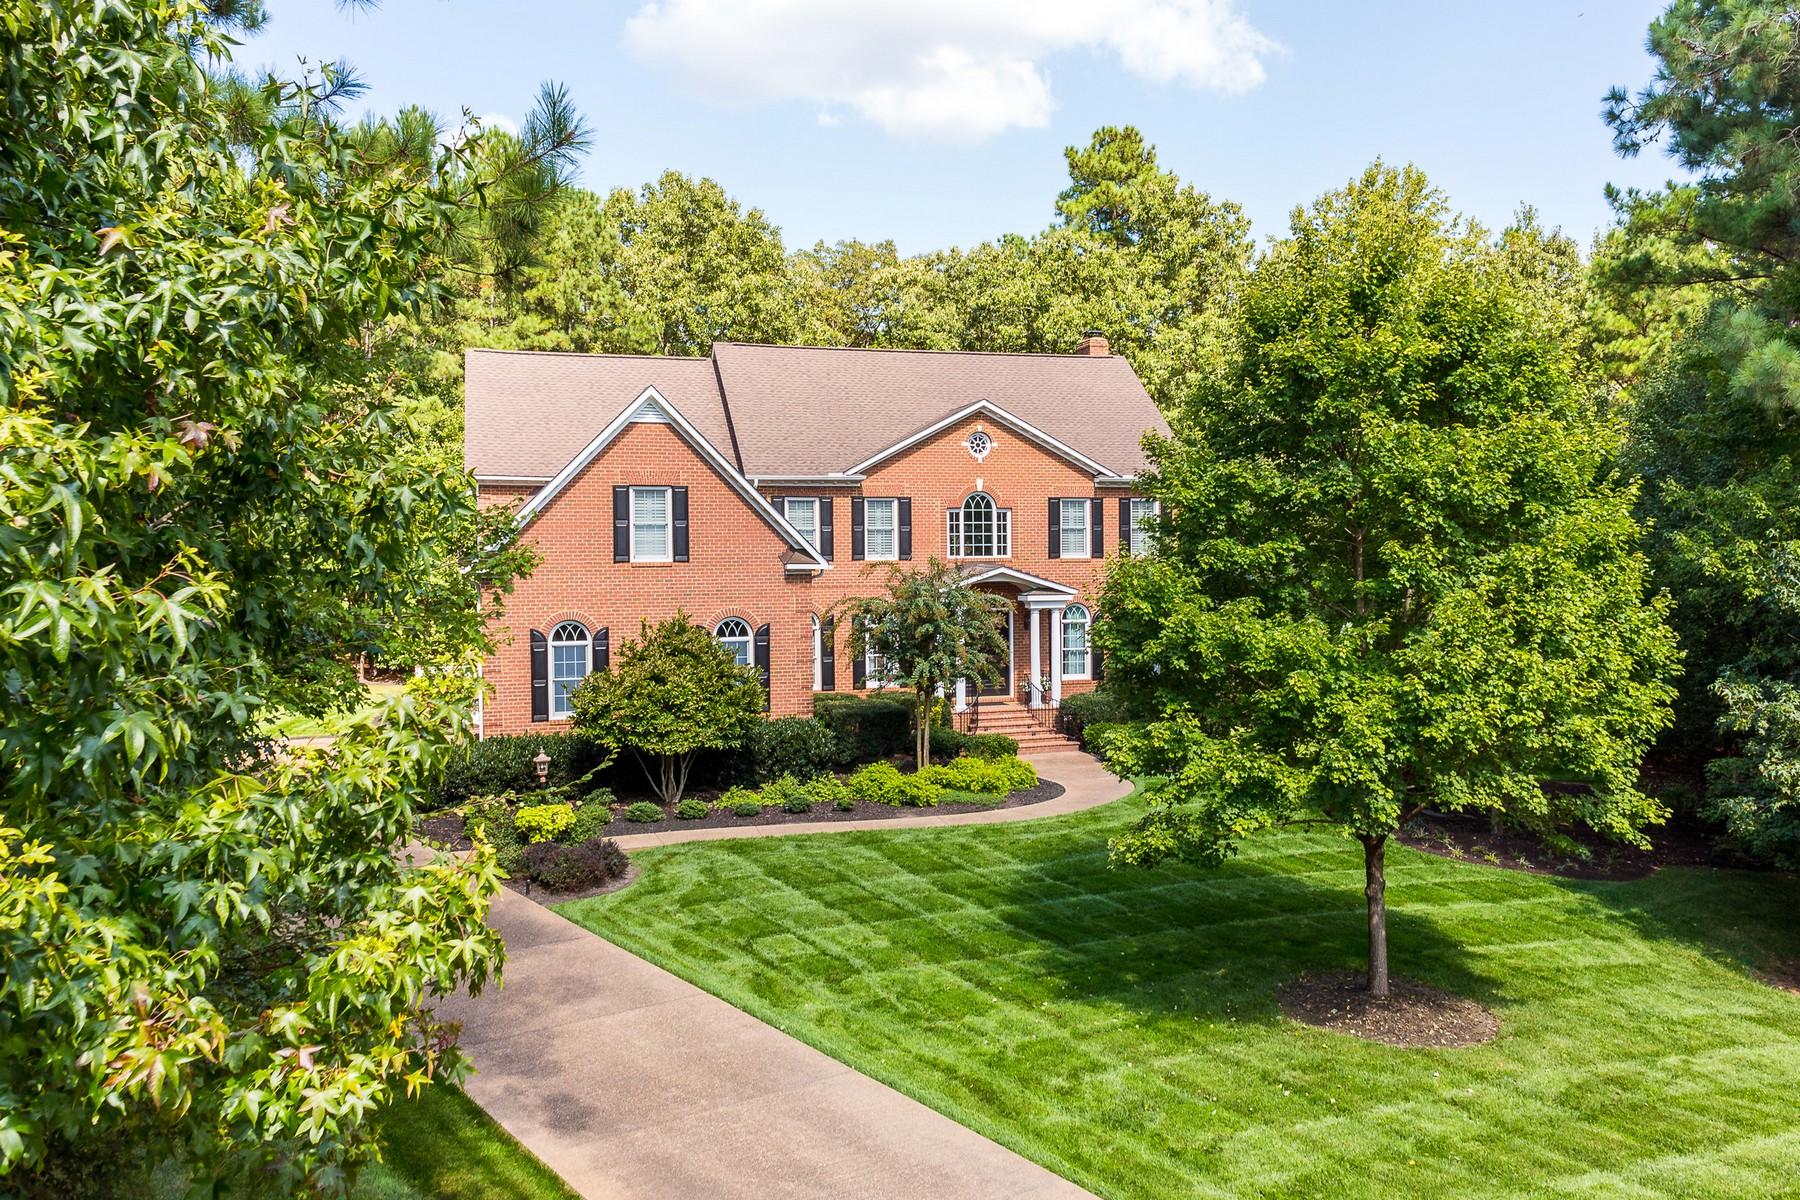 Maison unifamiliale pour l Vente à 13258 Barwick Lane, Goochland 13258 Barwick Ln Goochland, Virginia 23238 États-Unis